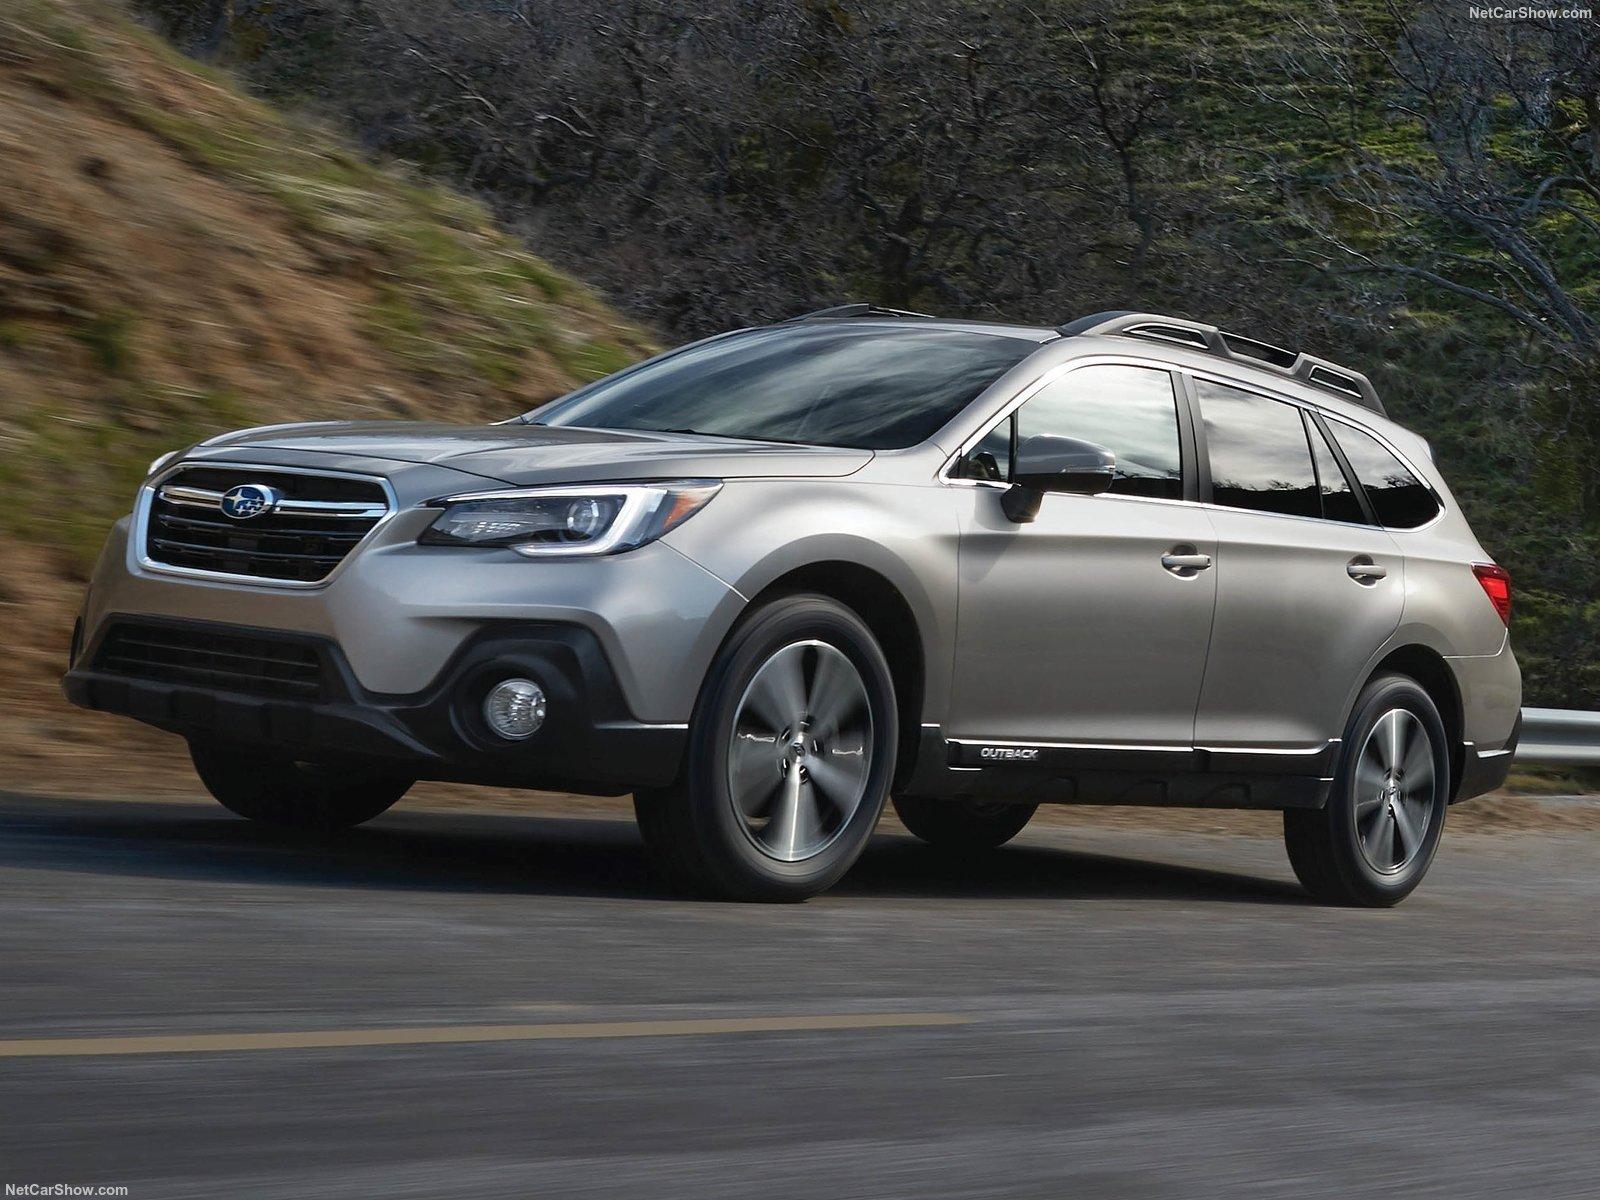 Обновленный Subaru Outback 2018 добрался до Украины